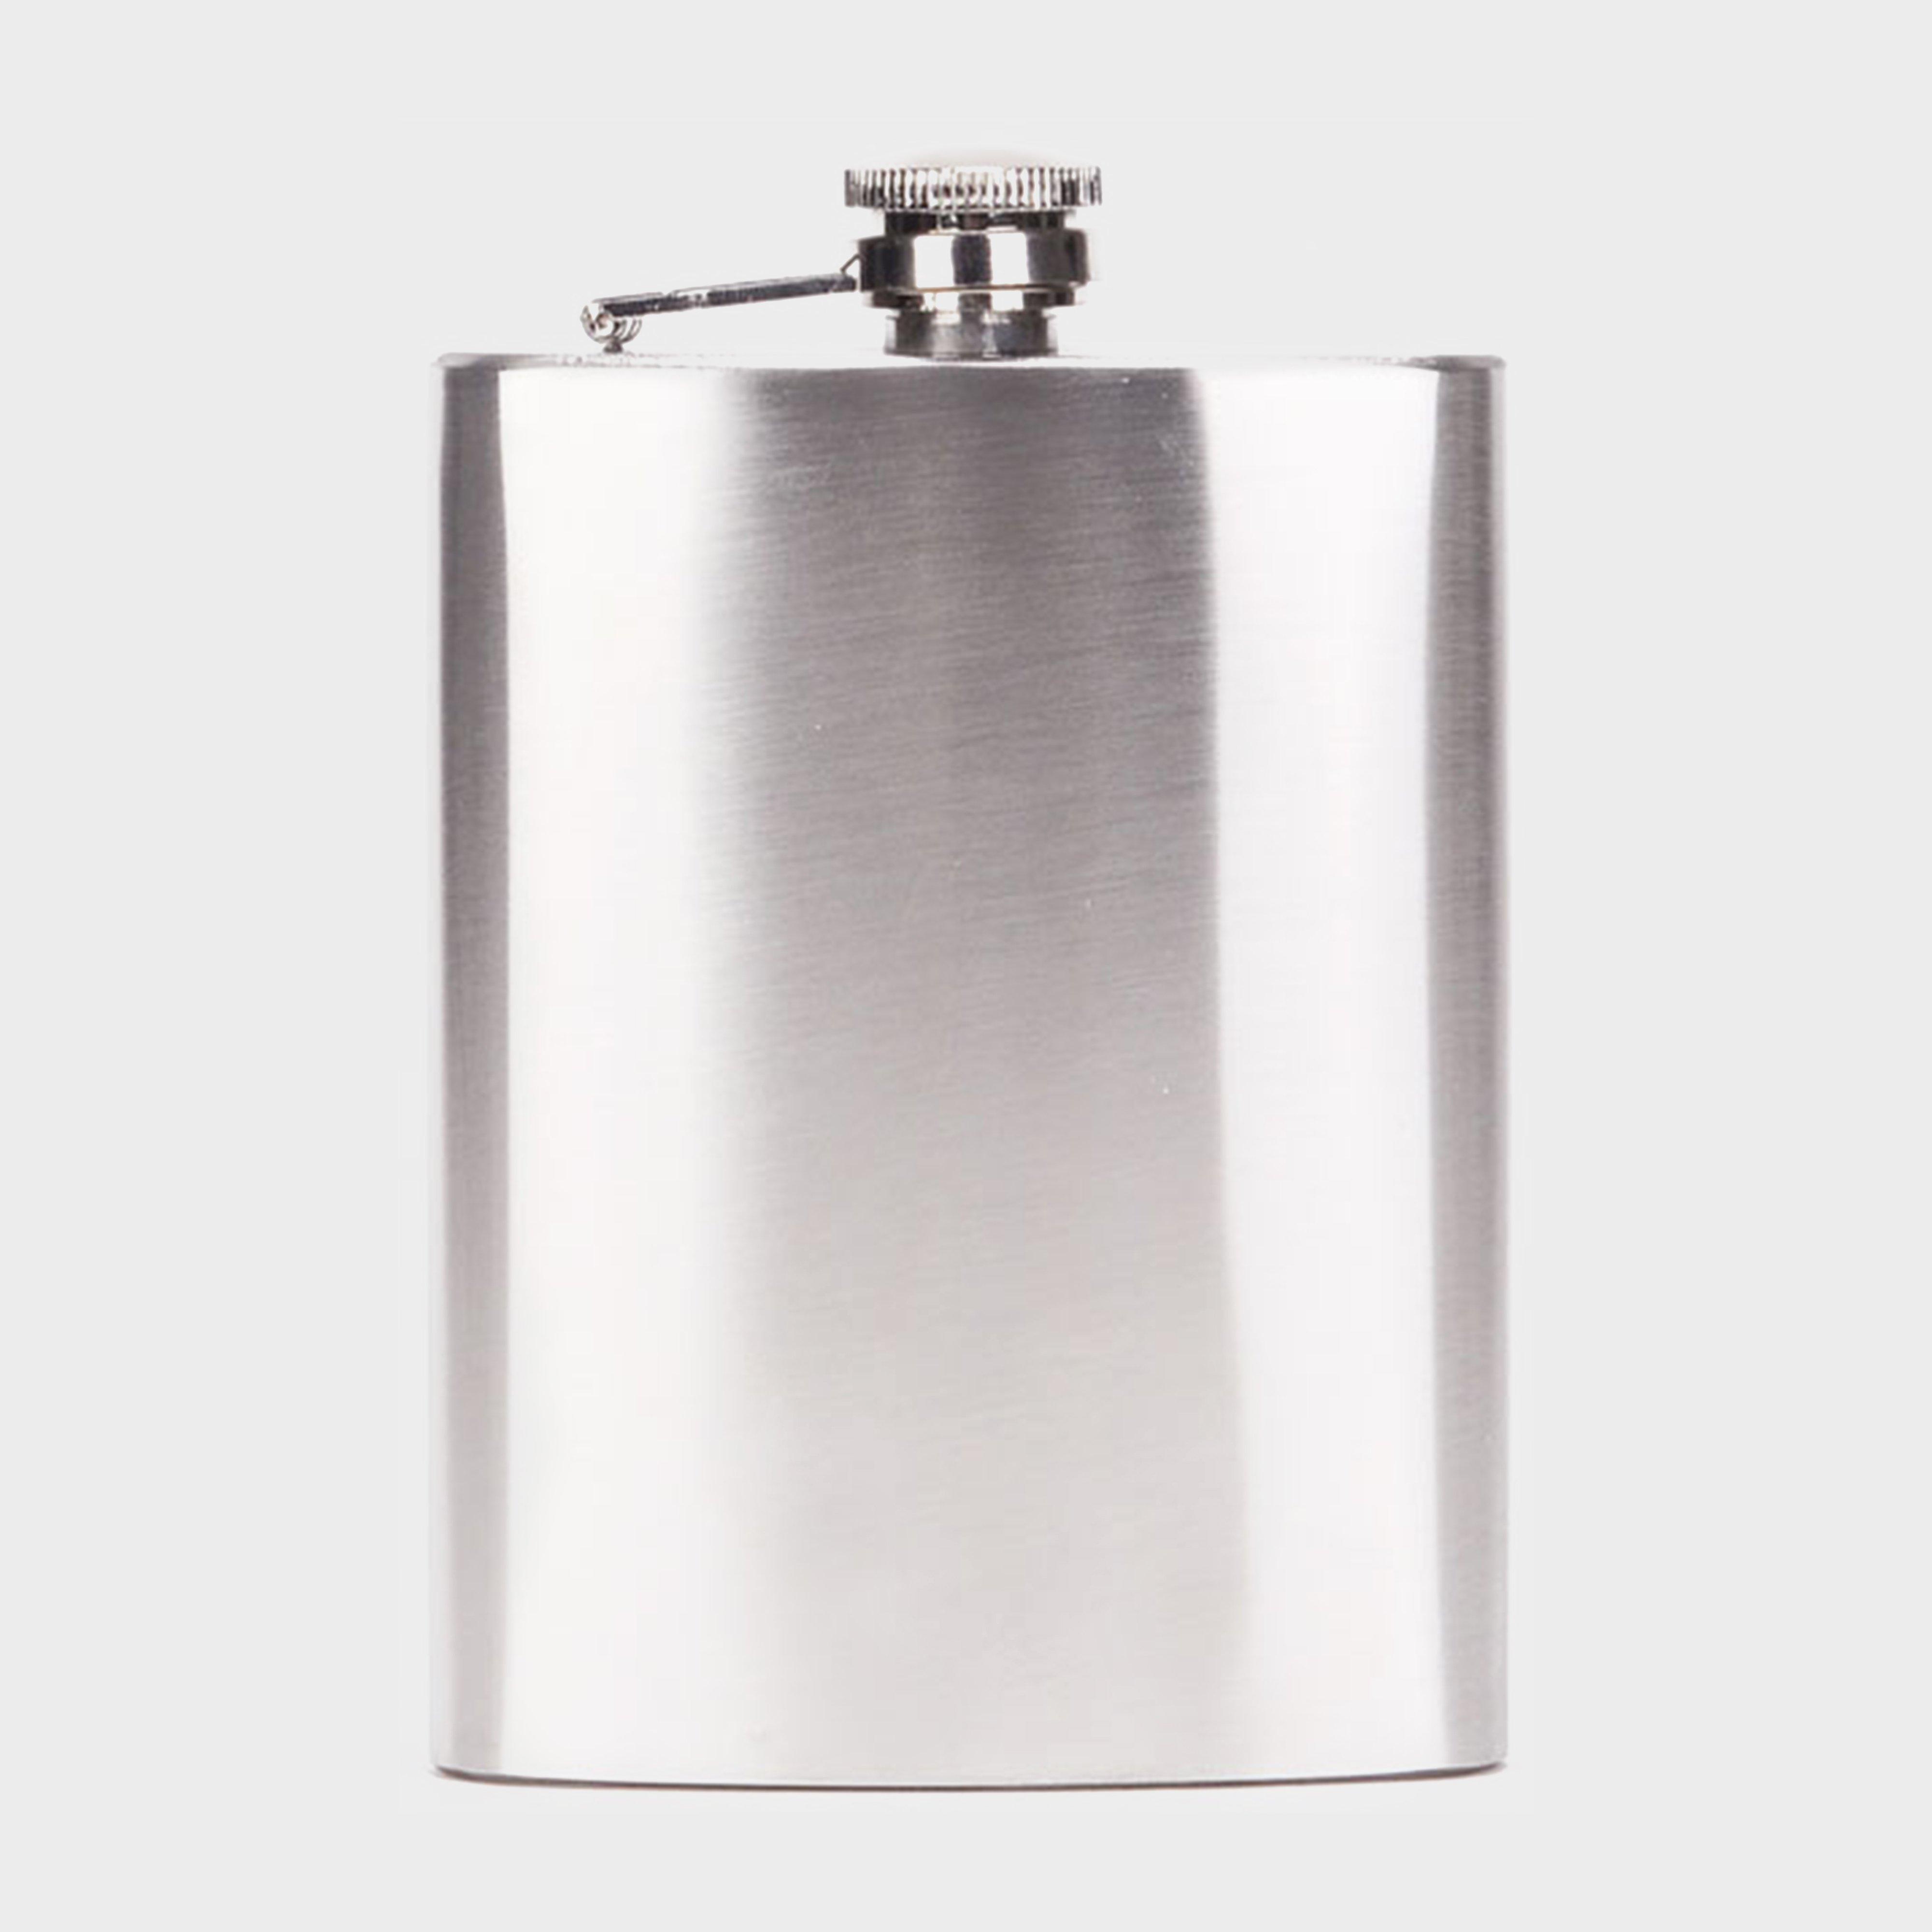 Handy Heroes Handy Heroes 8oz Hip Flask - Silver, Silver